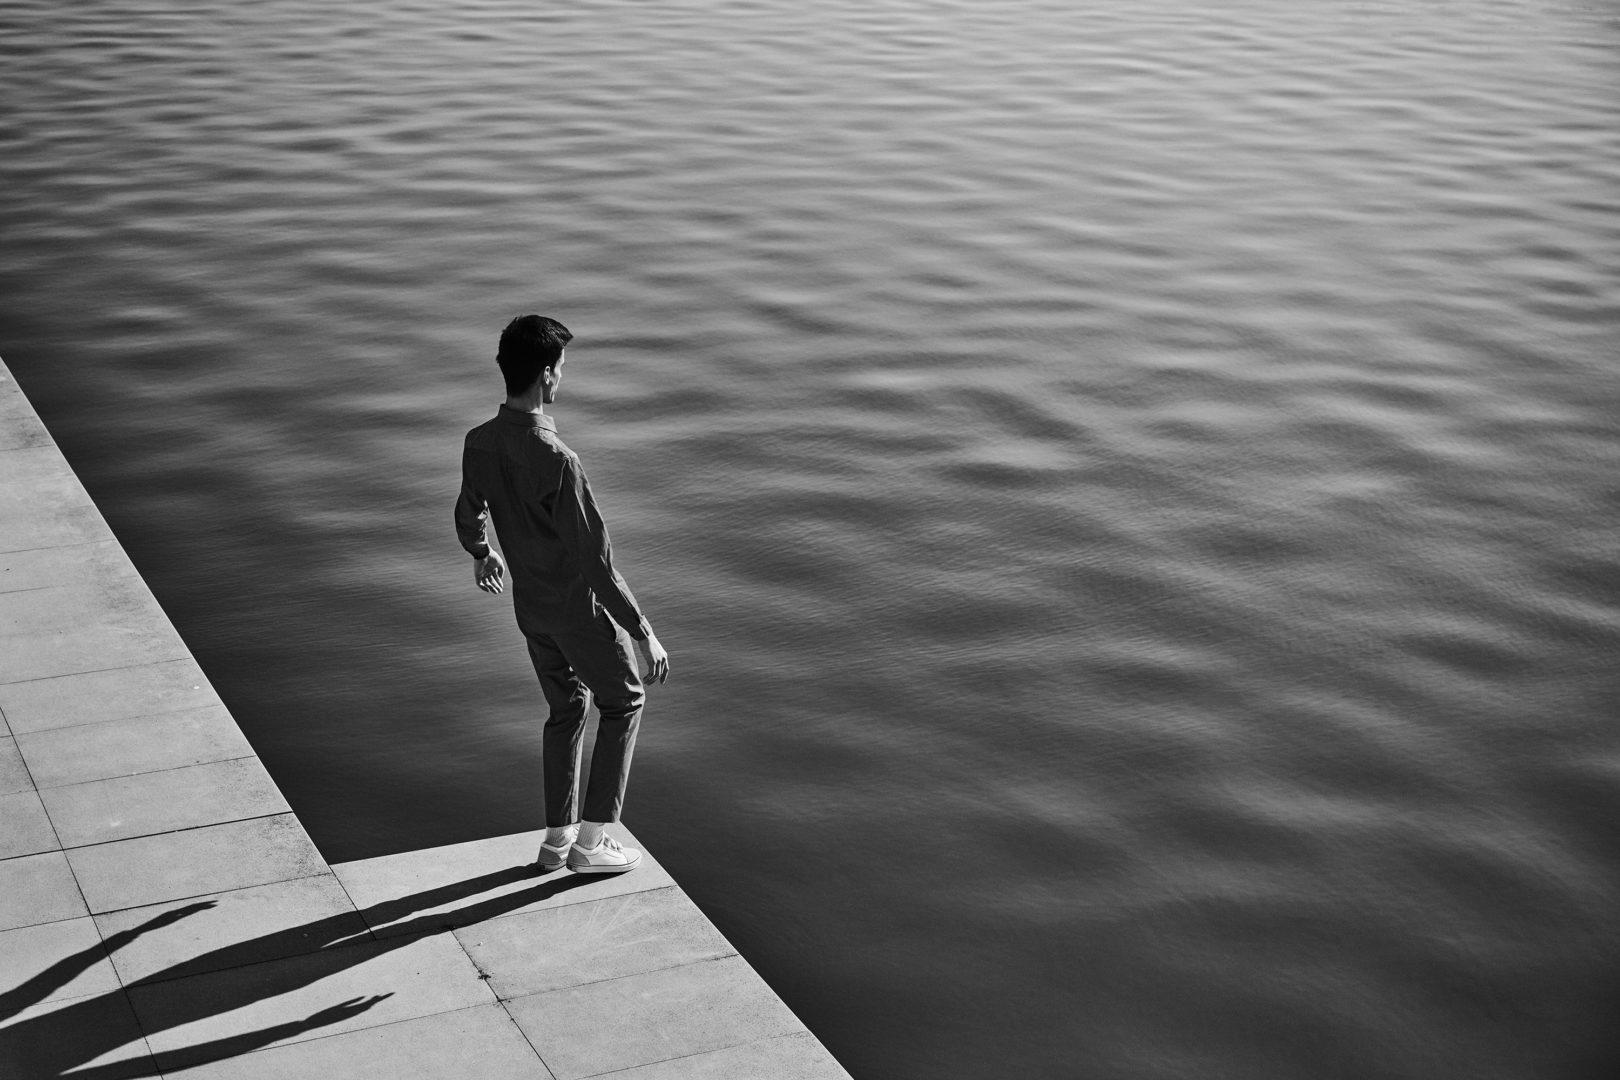 Man at waterfront